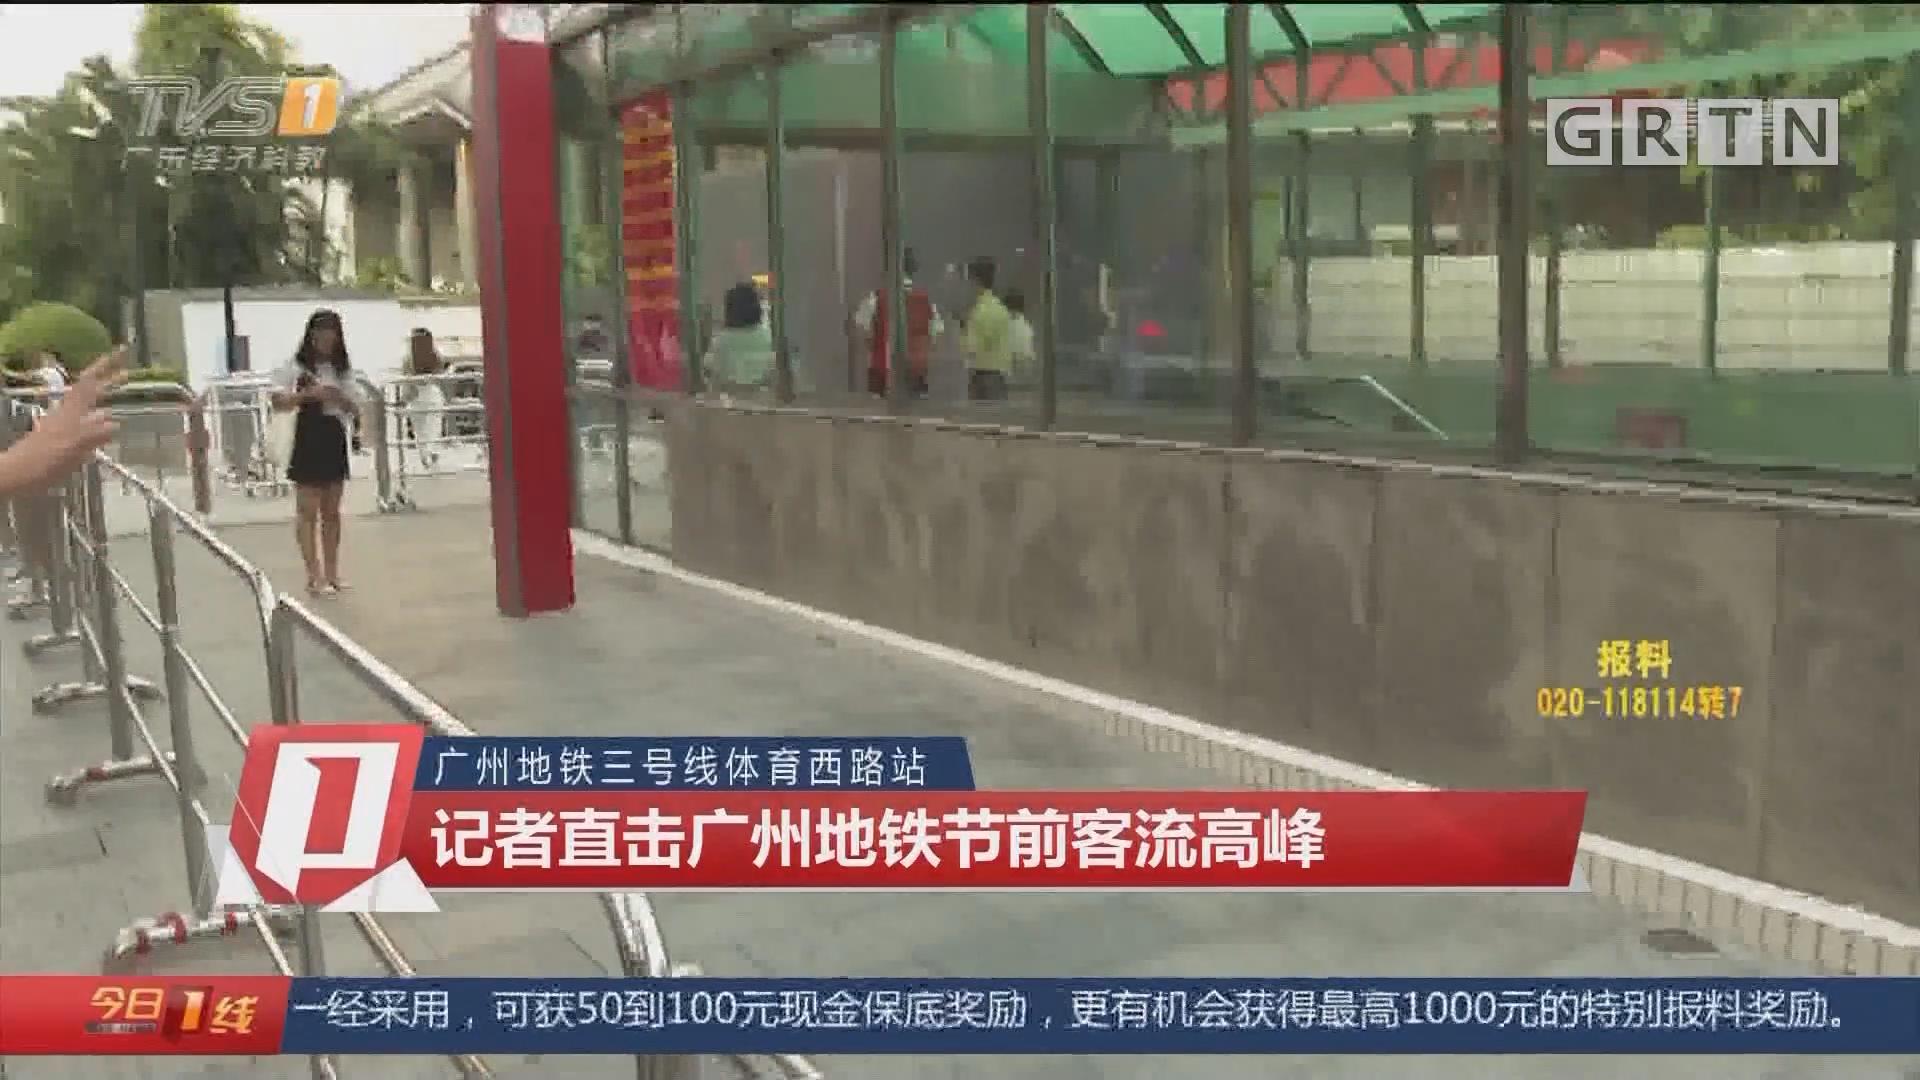 广州地铁三号线体育西路站:记者直击广州地铁节前客流高峰